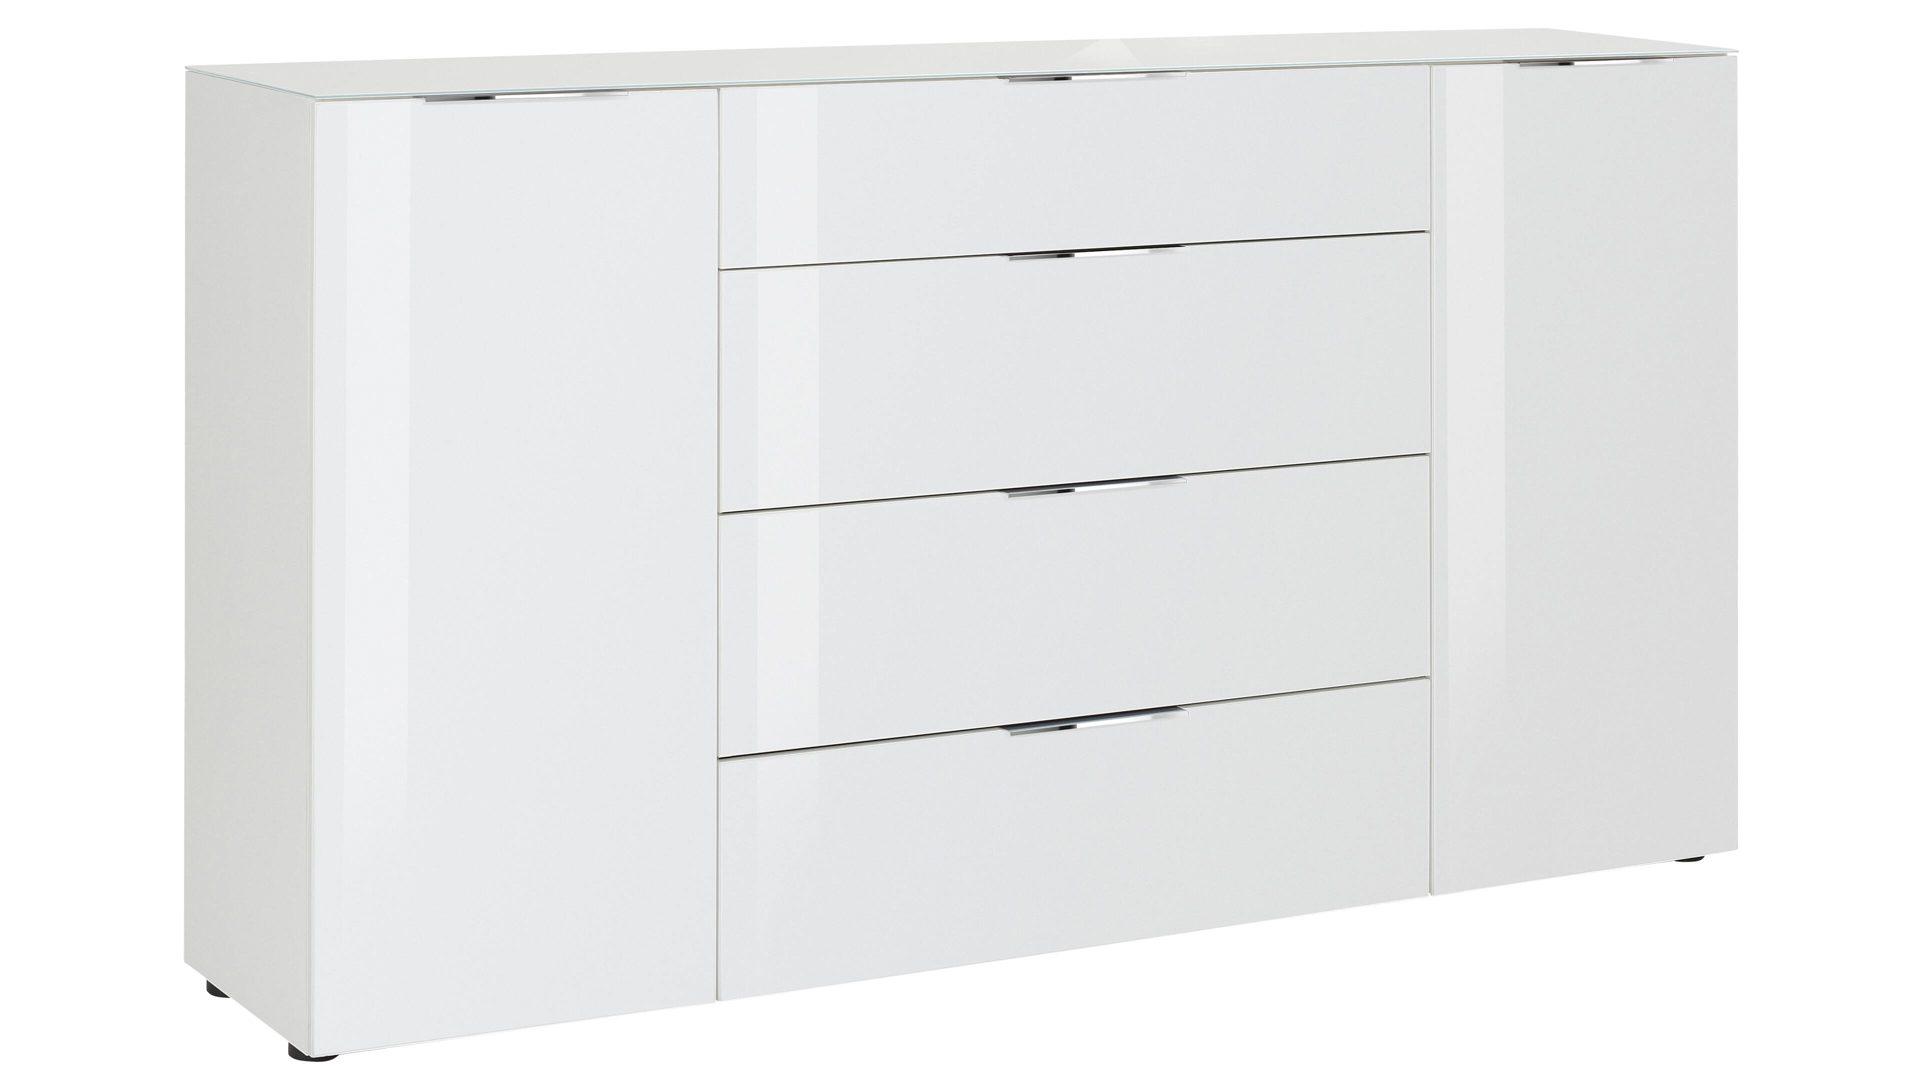 Möbel Bernskötter GmbH, Räume, Schlafzimmer, Kommoden + Sideboards ...